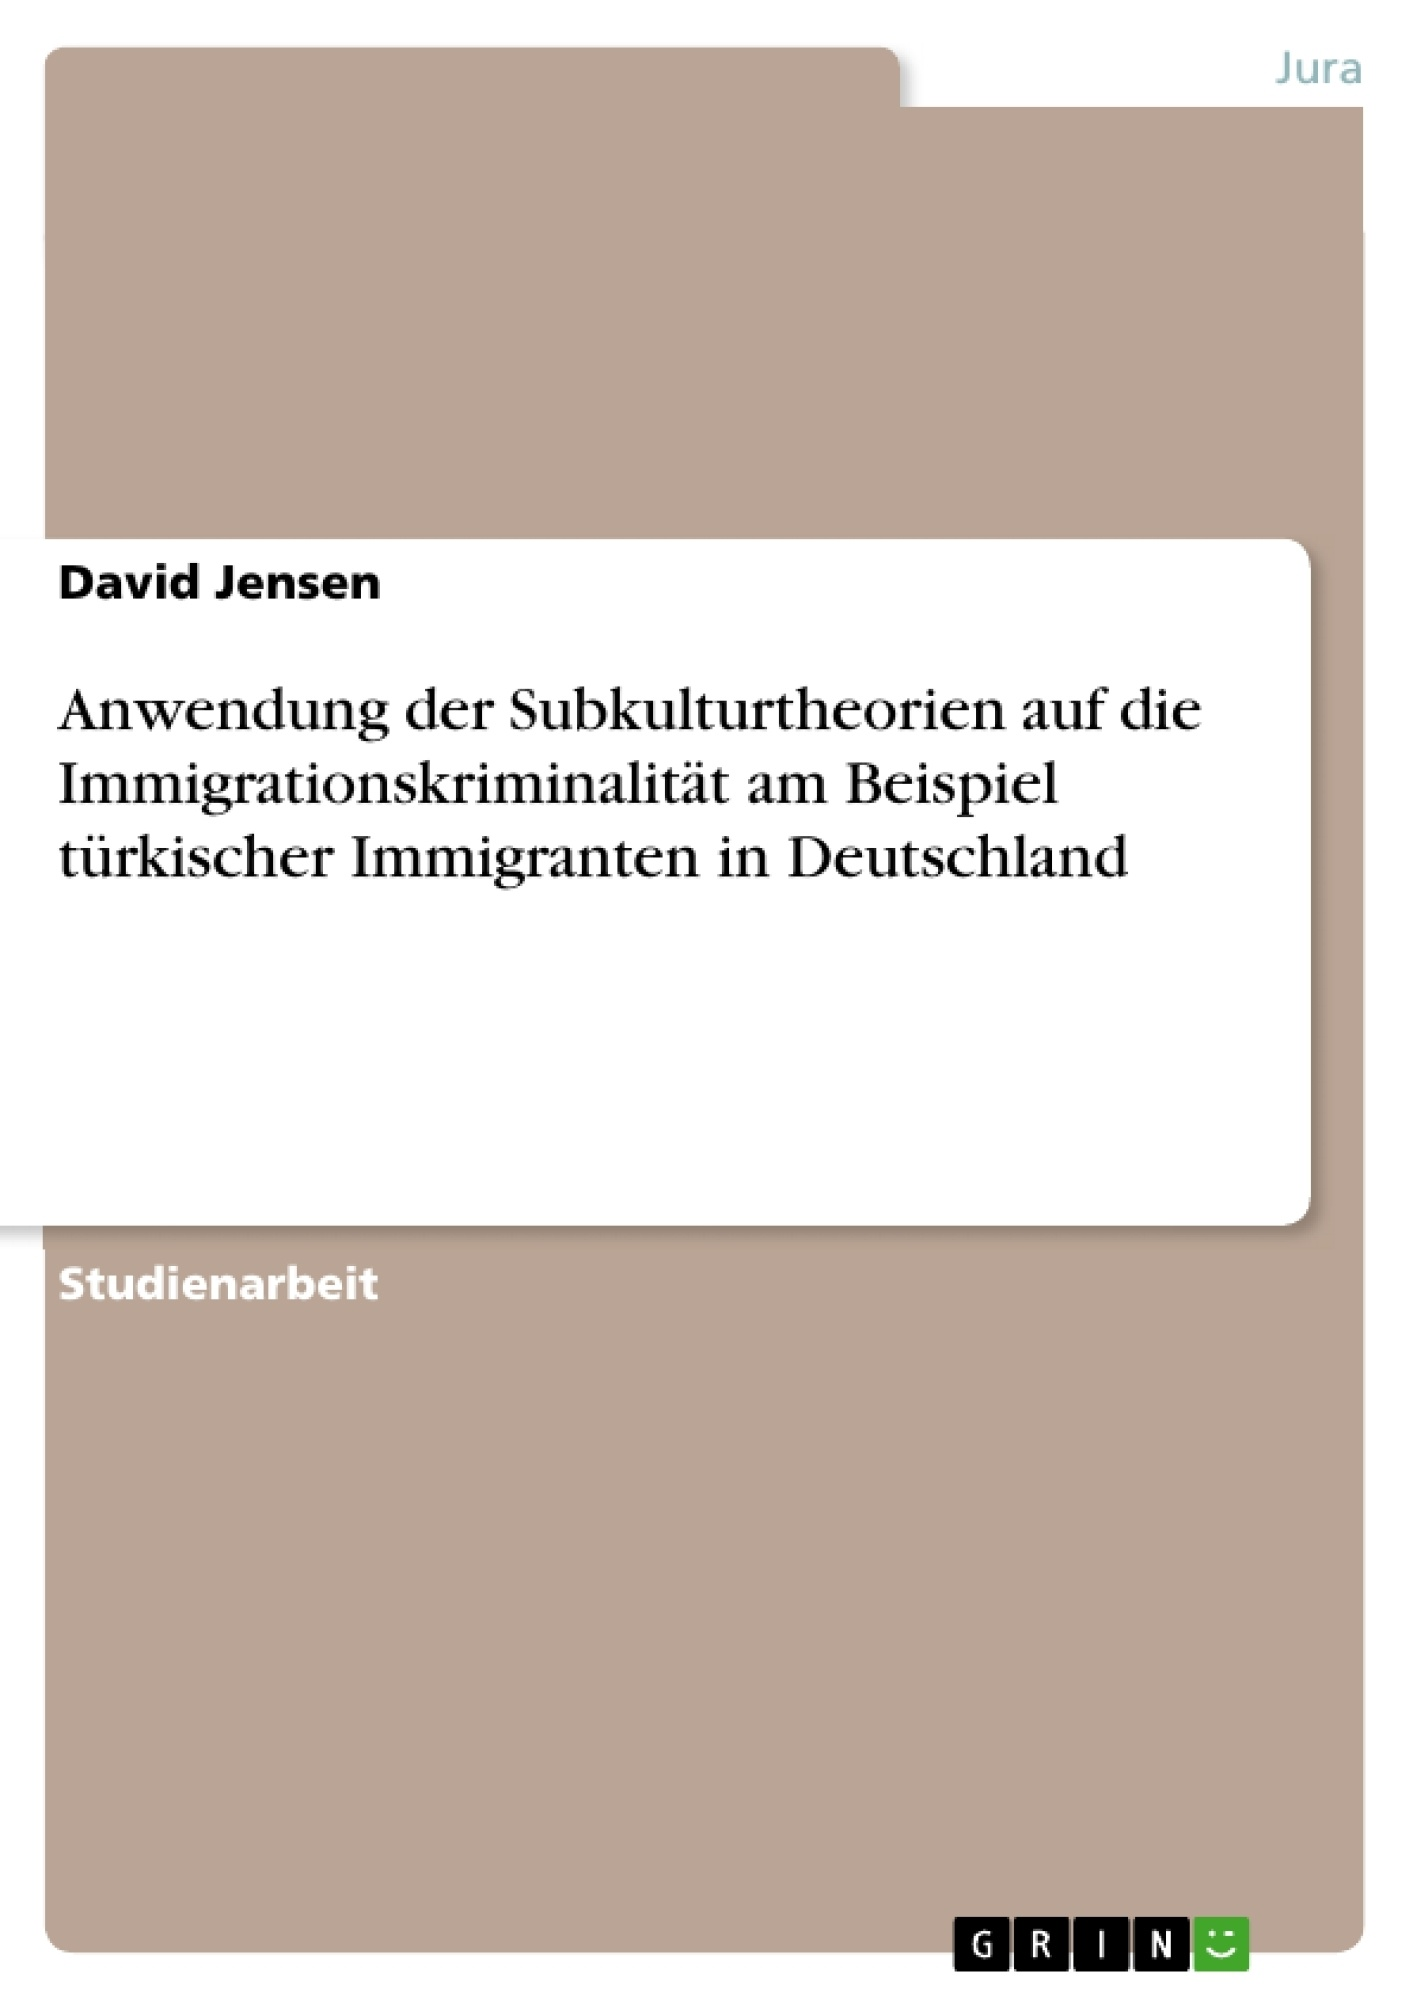 Titel: Anwendung der Subkulturtheorien auf die Immigrationskriminalität am Beispiel türkischer Immigranten in Deutschland